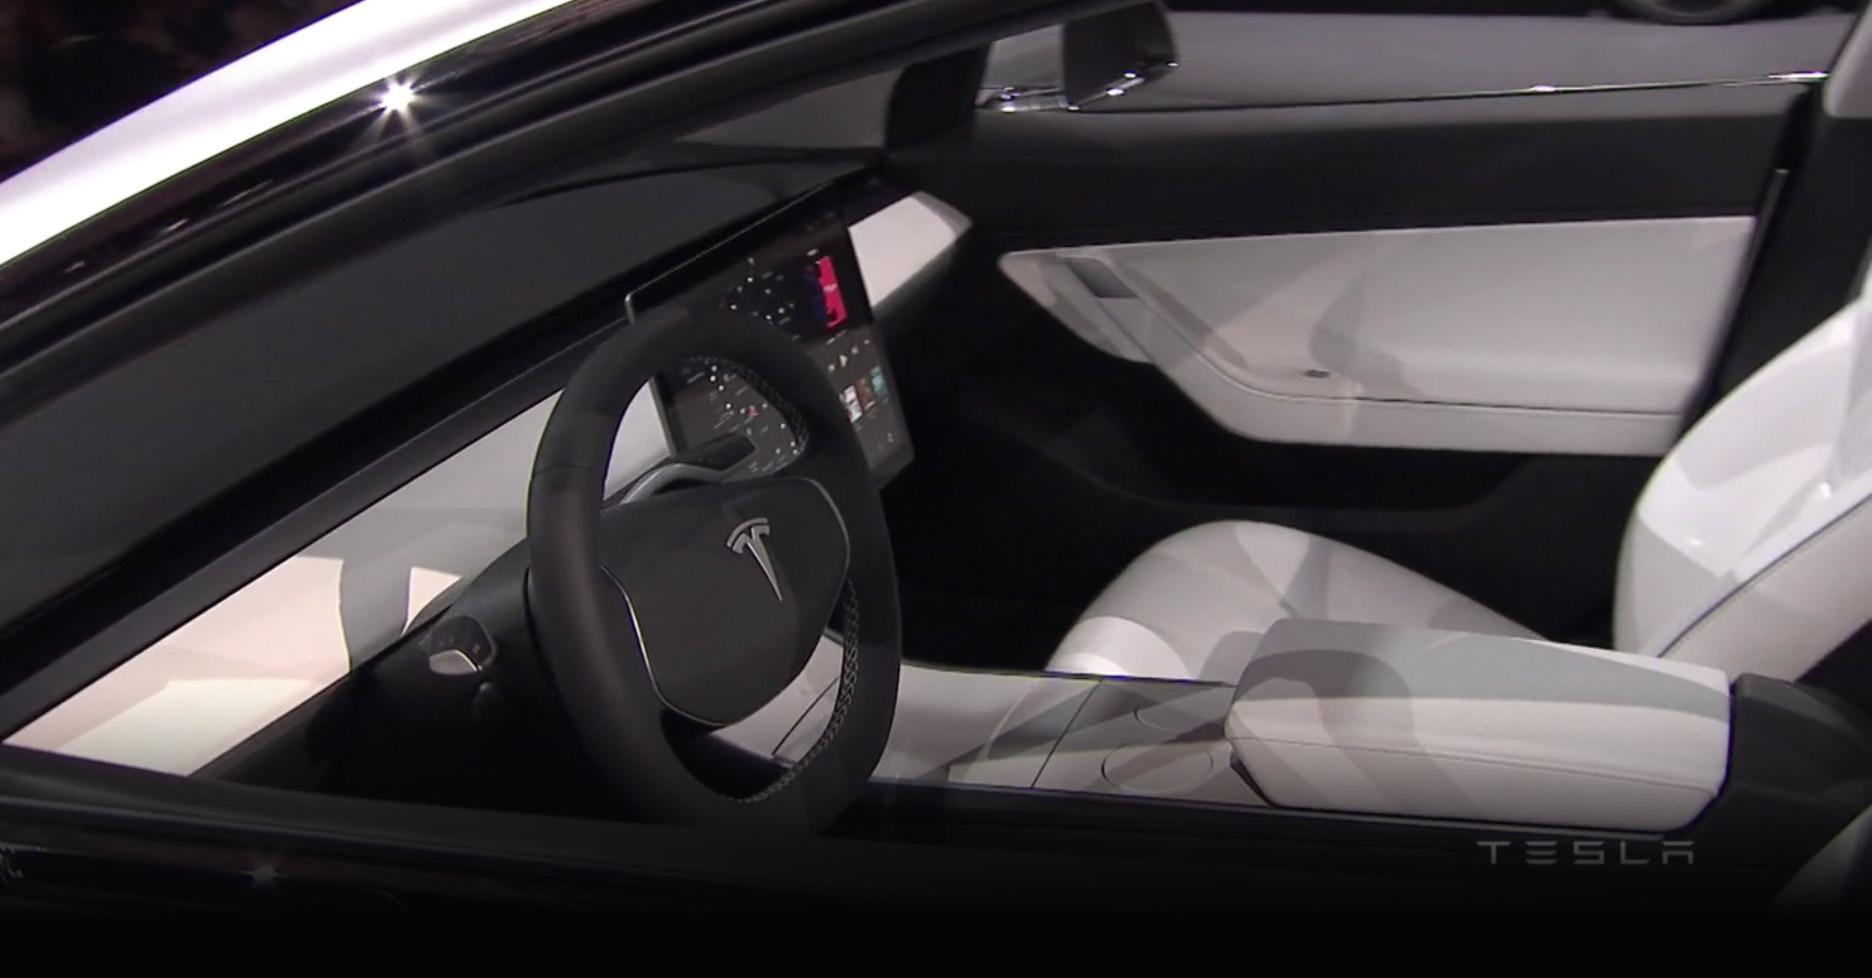 Tesla model 3 australian release date